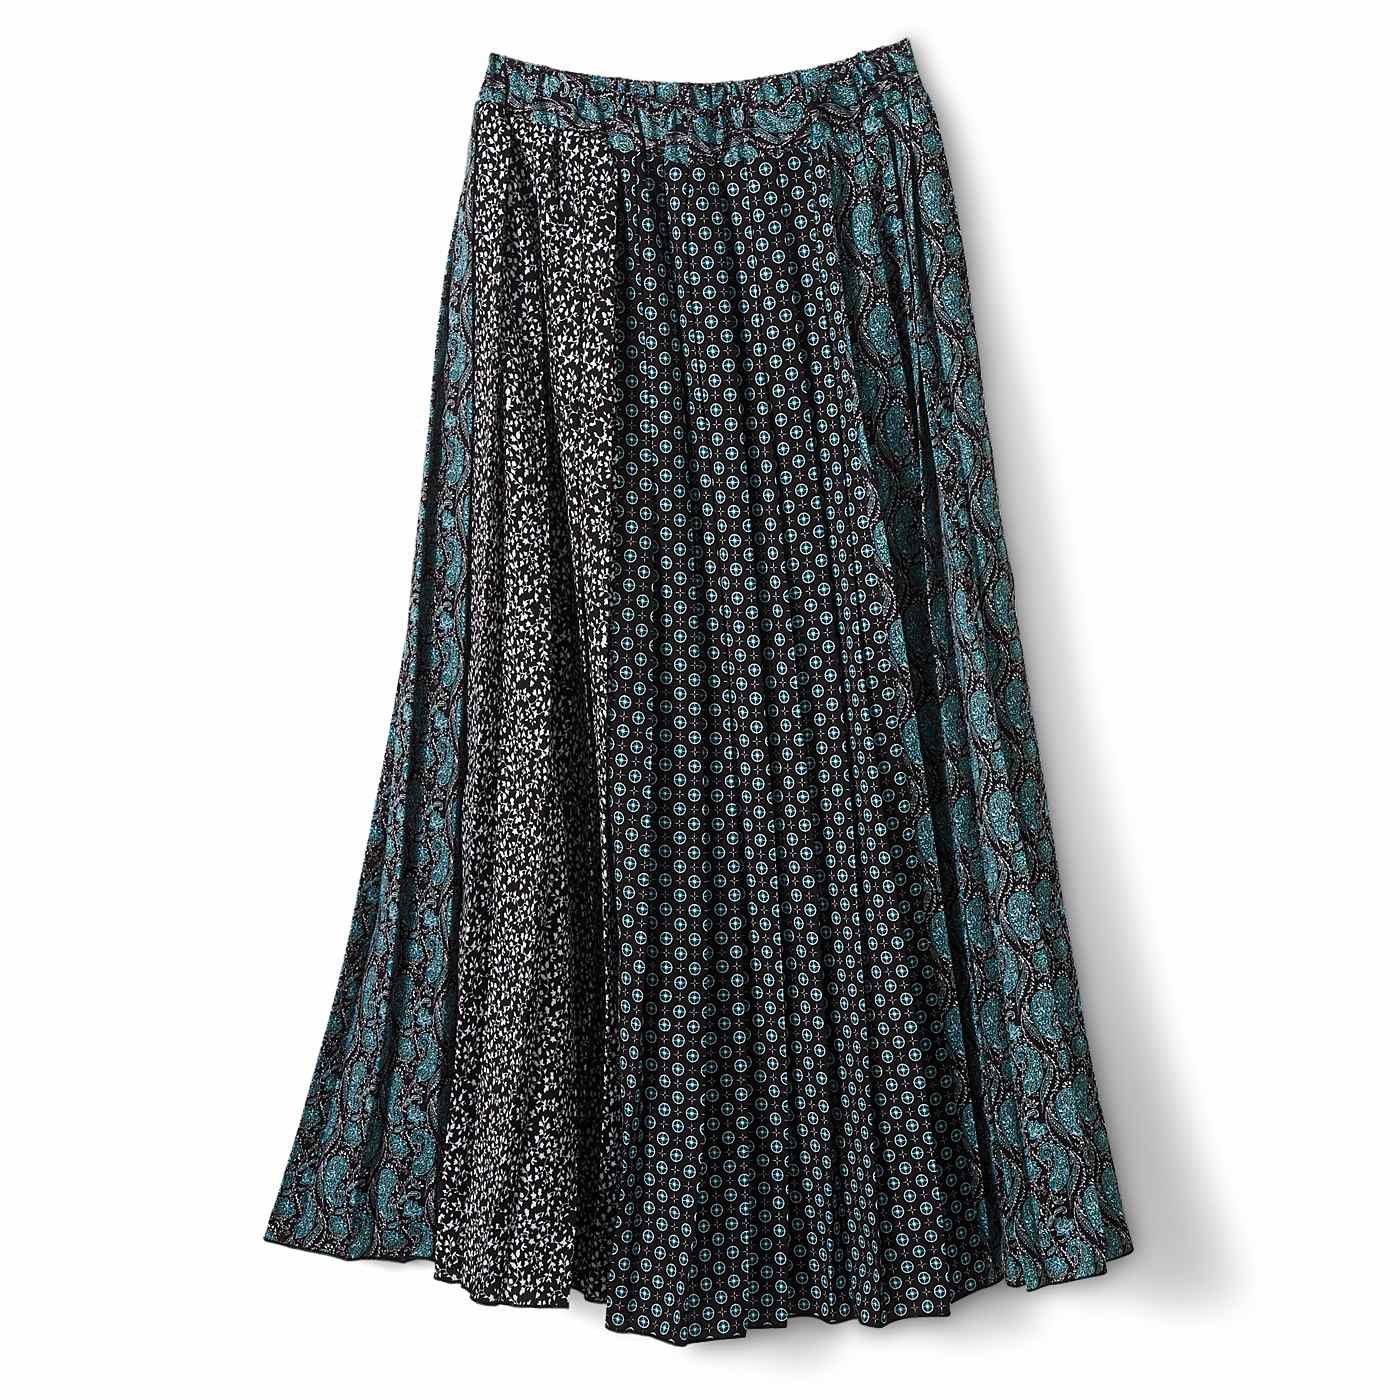 IEDIT[イディット] オリジナルプリントを組み合わせた ドラマチックなパネル柄 ロングプリーツスカート〈ブラック〉